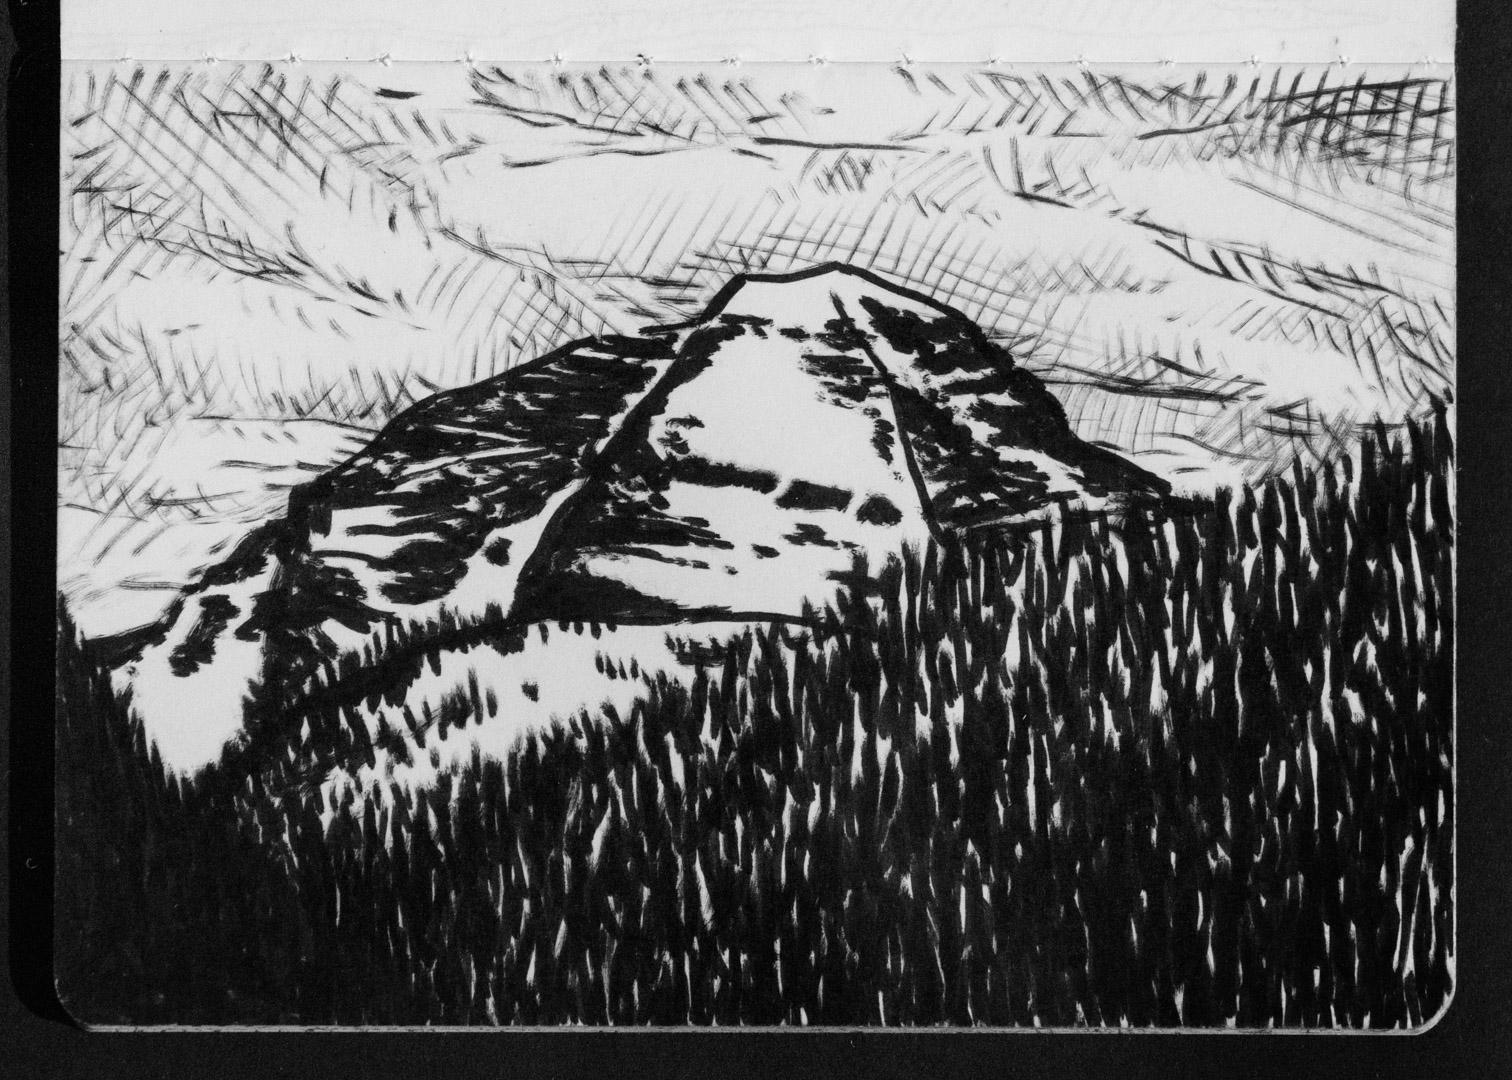 01-11 Unawah Peak-2.jpg